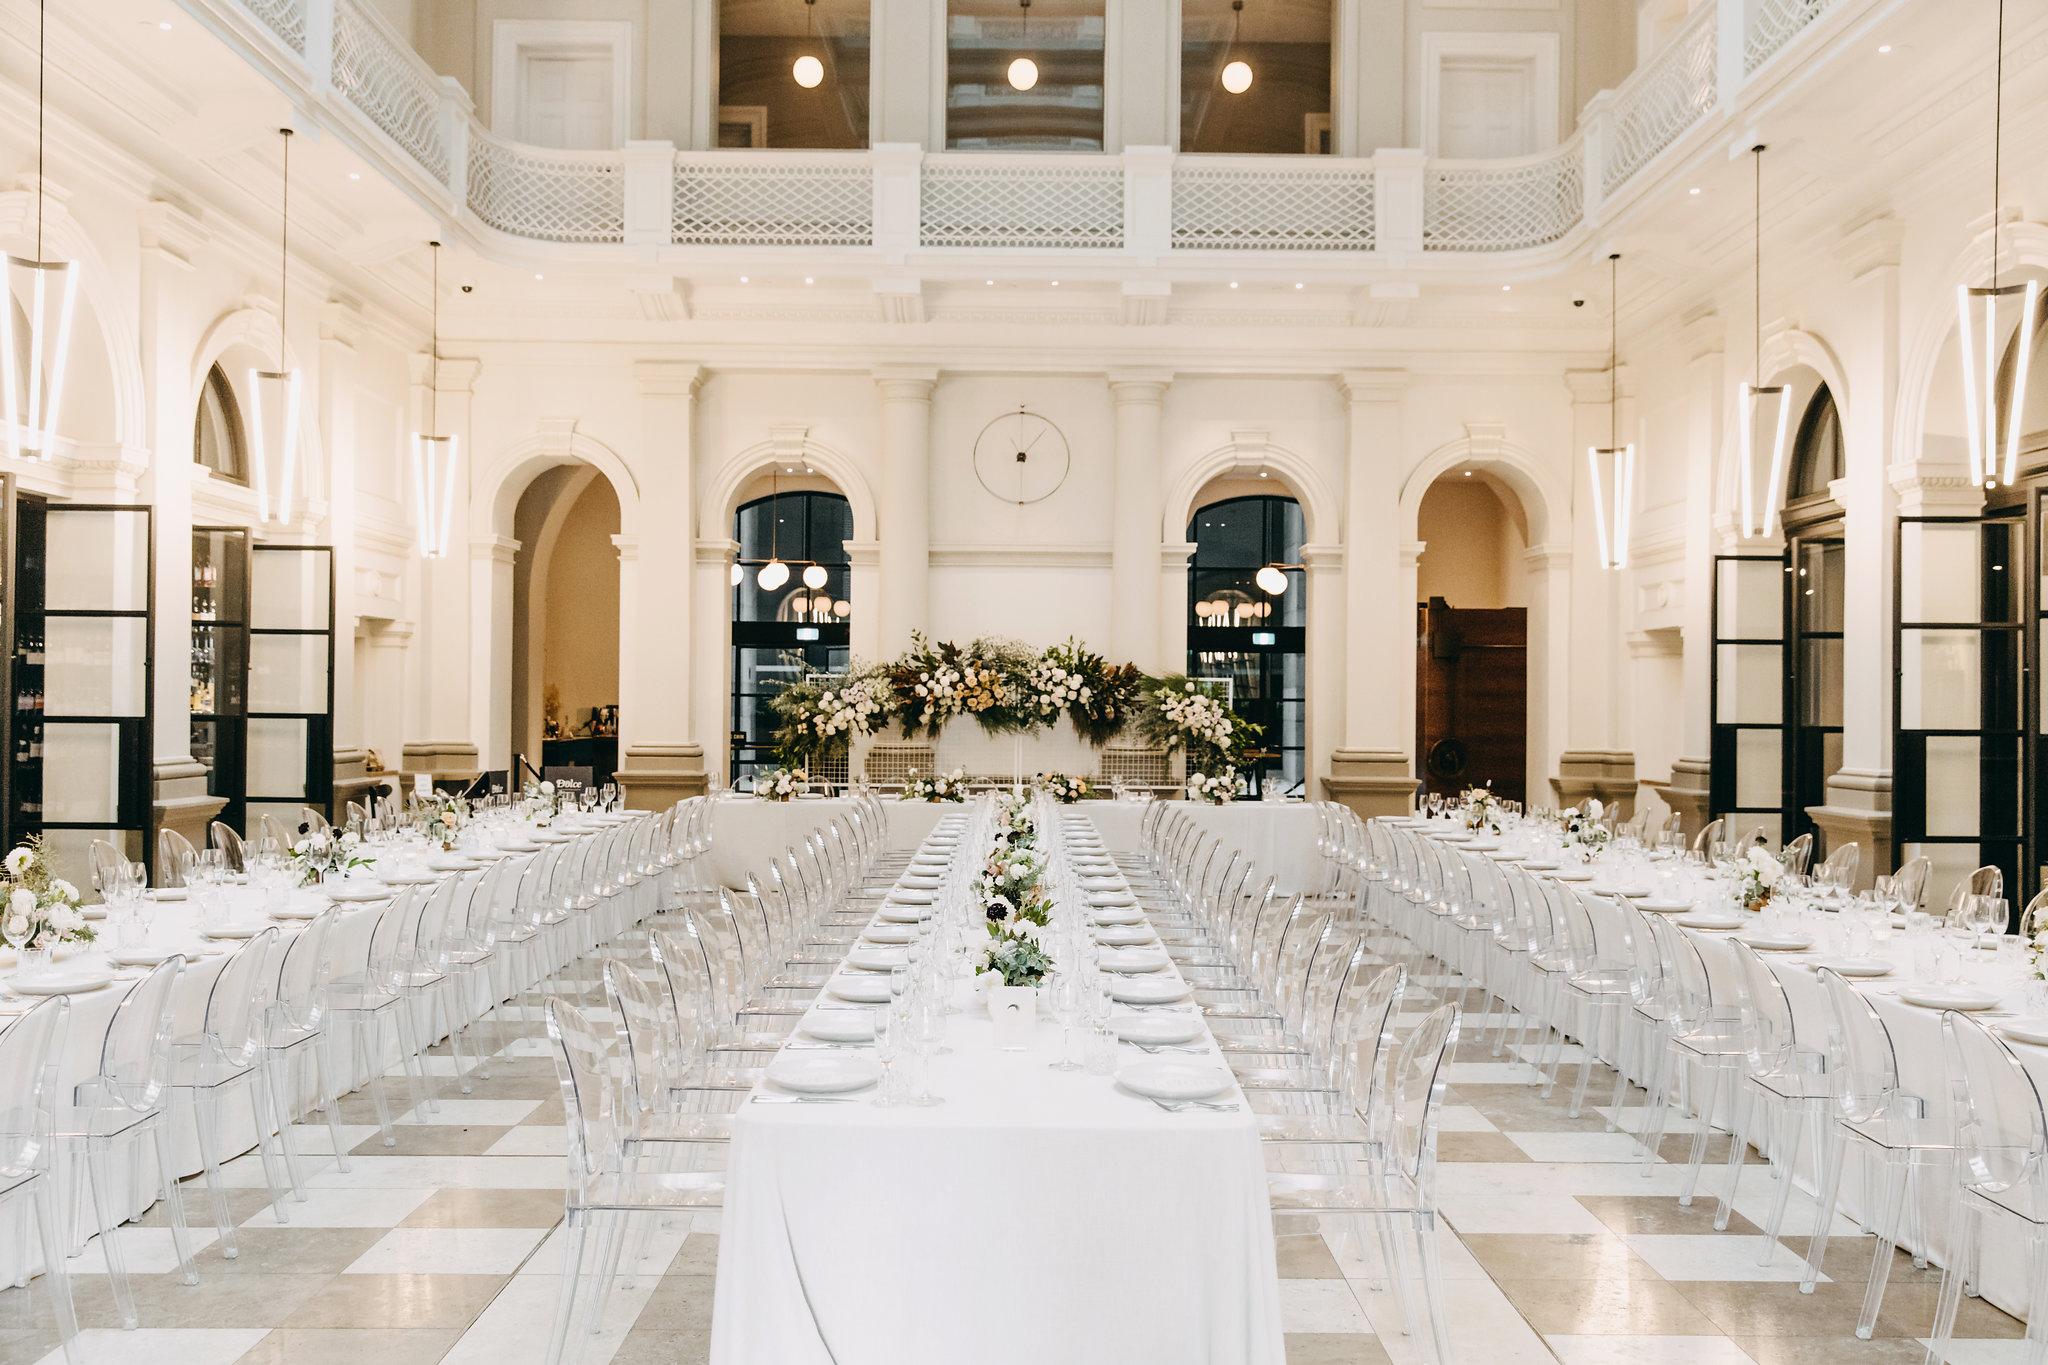 WEDDINGOPENDAY-STATEBUILDINGS-APR2018-45